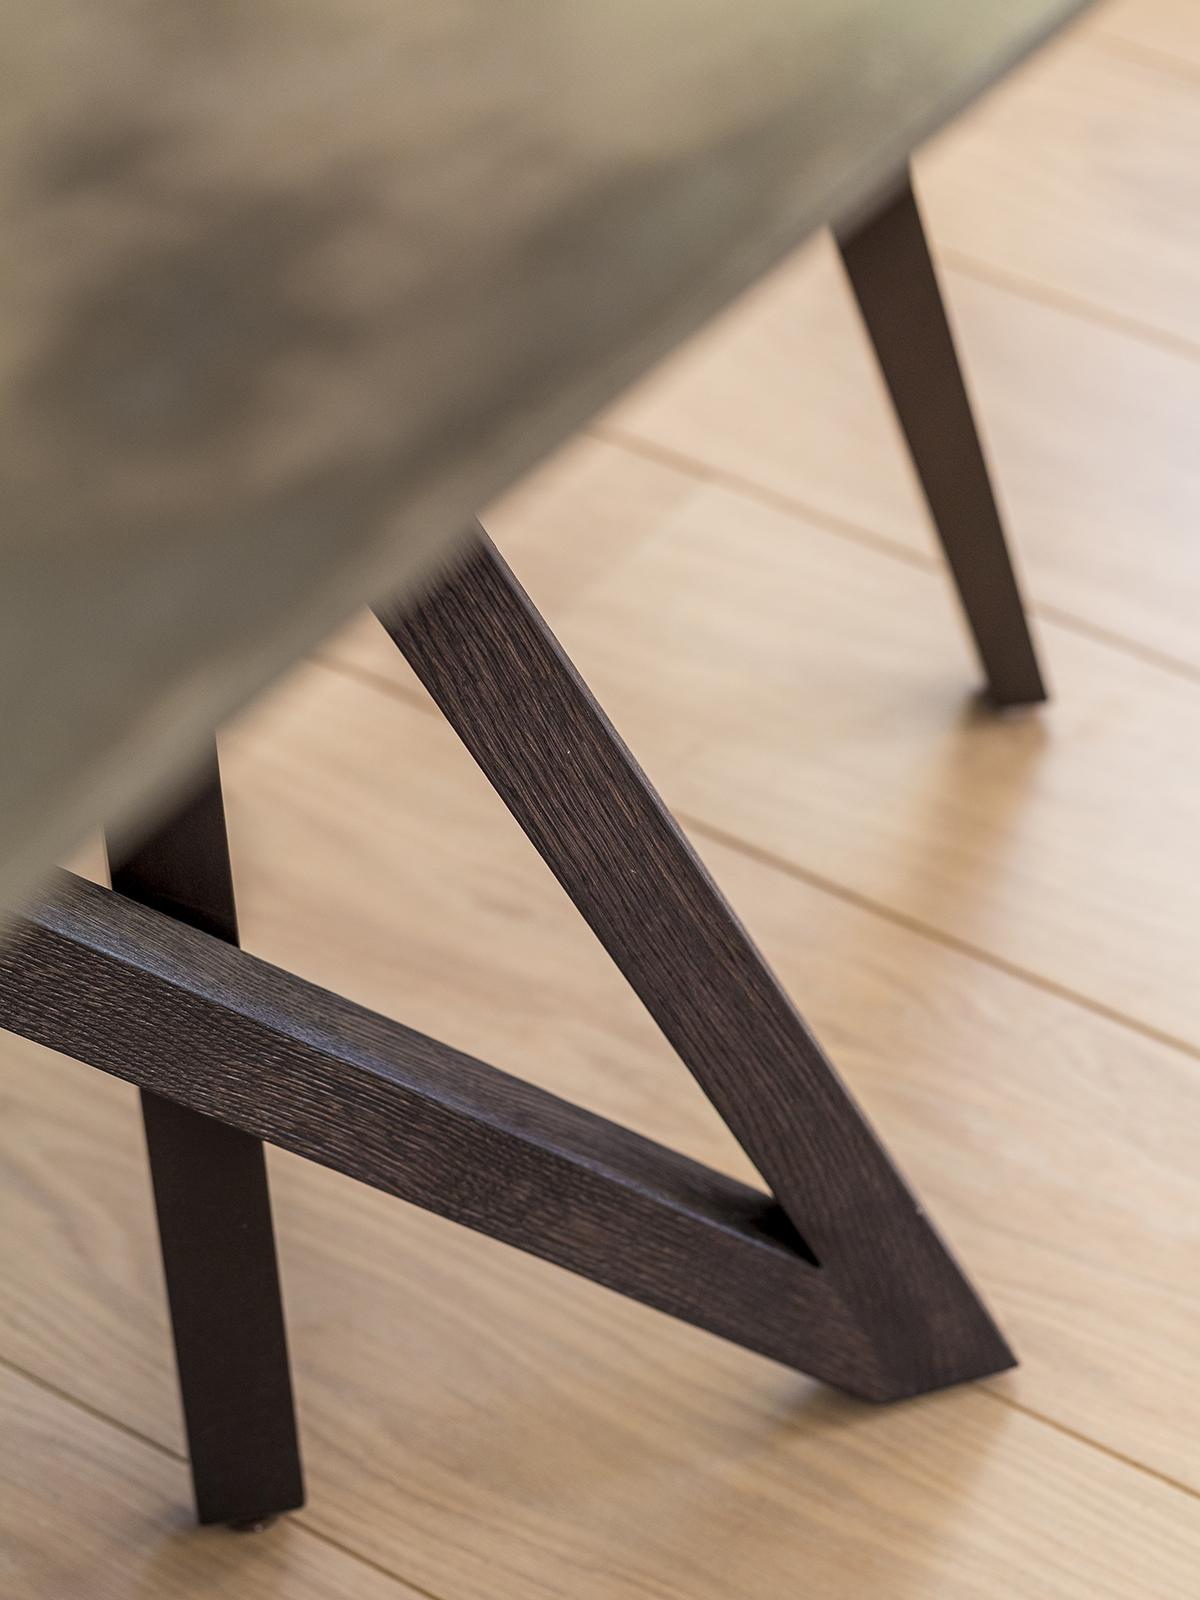 Hemels Wonen, living, interieur, details tafel